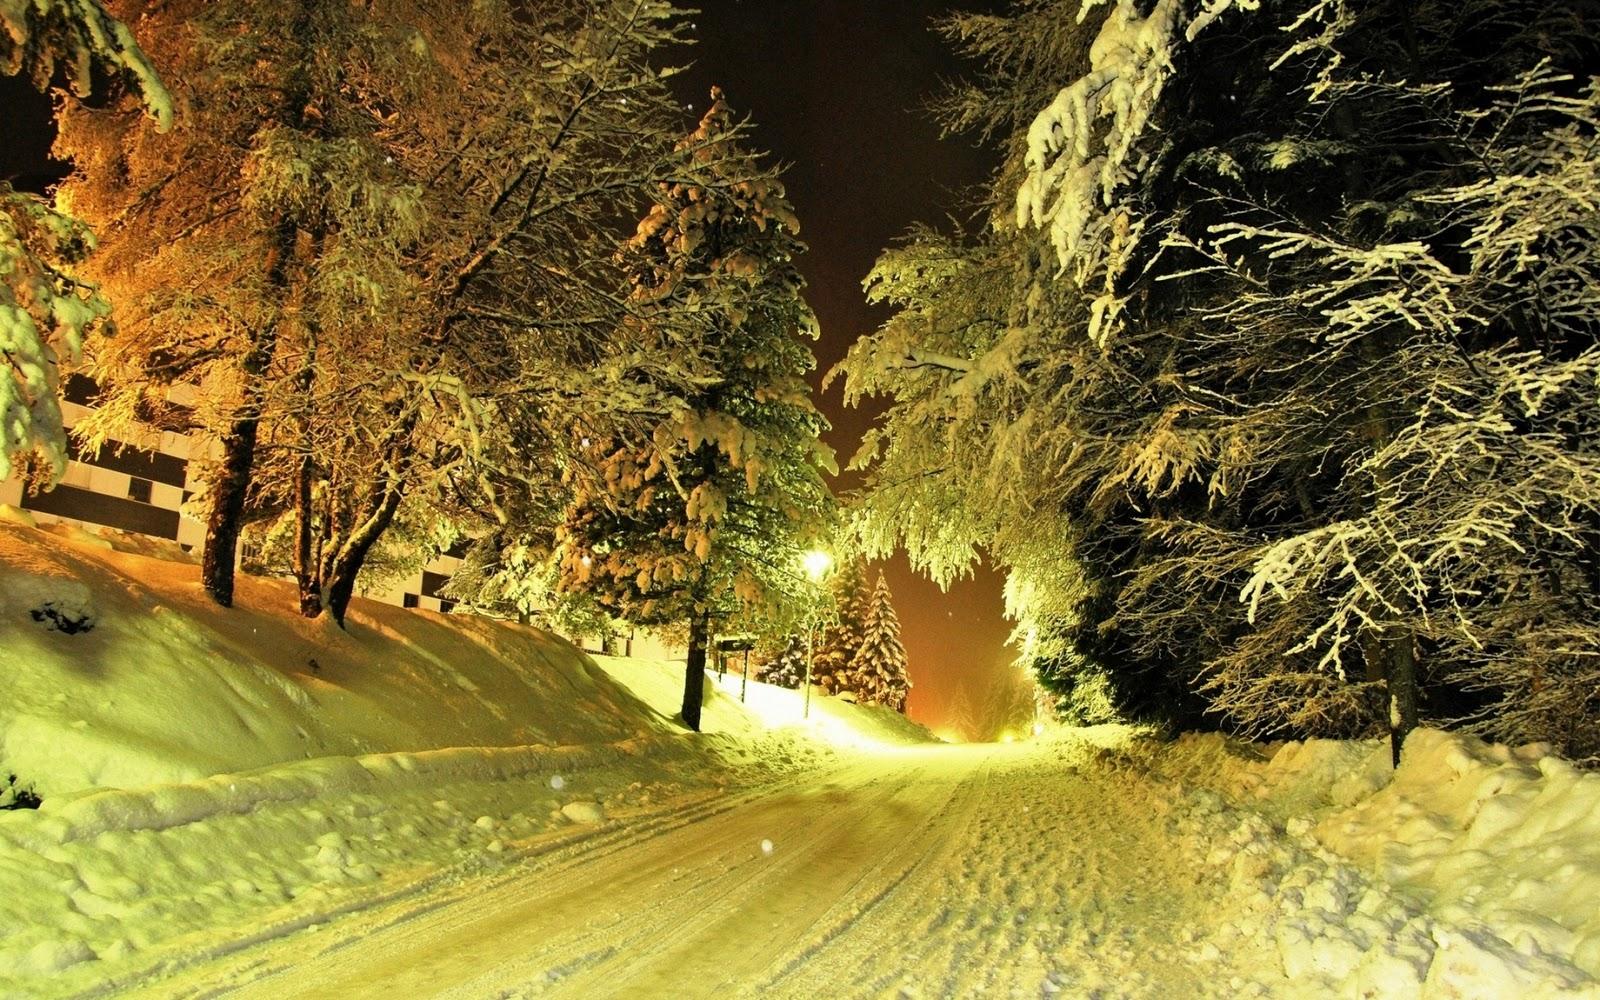 http://3.bp.blogspot.com/-x5aXZ3Spup0/Tt0bnSV6OpI/AAAAAAAAJvE/g4kPOWqwqVA/s1600/Winter_+%252836%2529.jpg